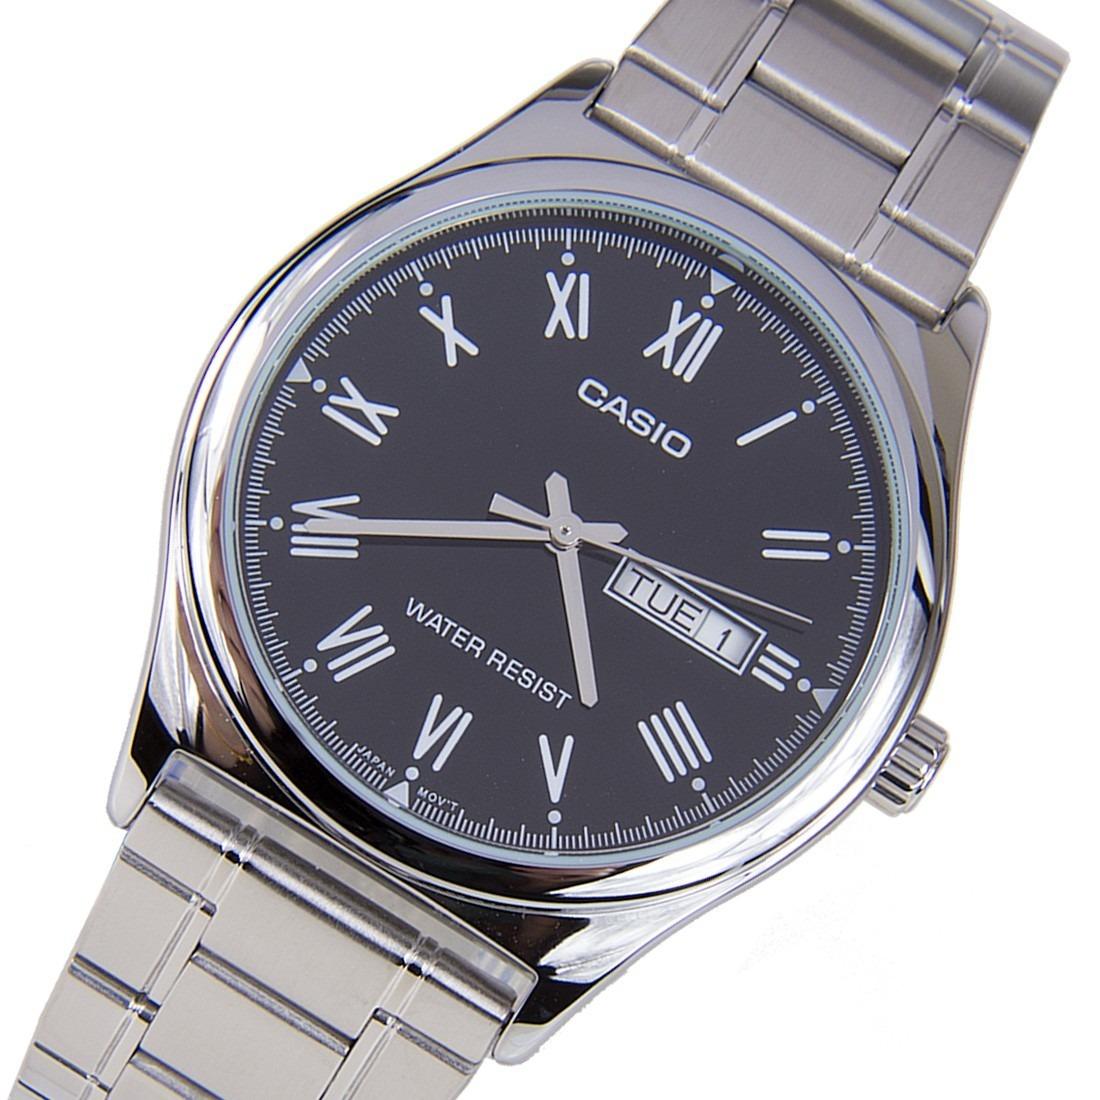 ba6c689adc1f reloj casio hombre mtp v006d wr garantia 2 años relojes. Cargando zoom.